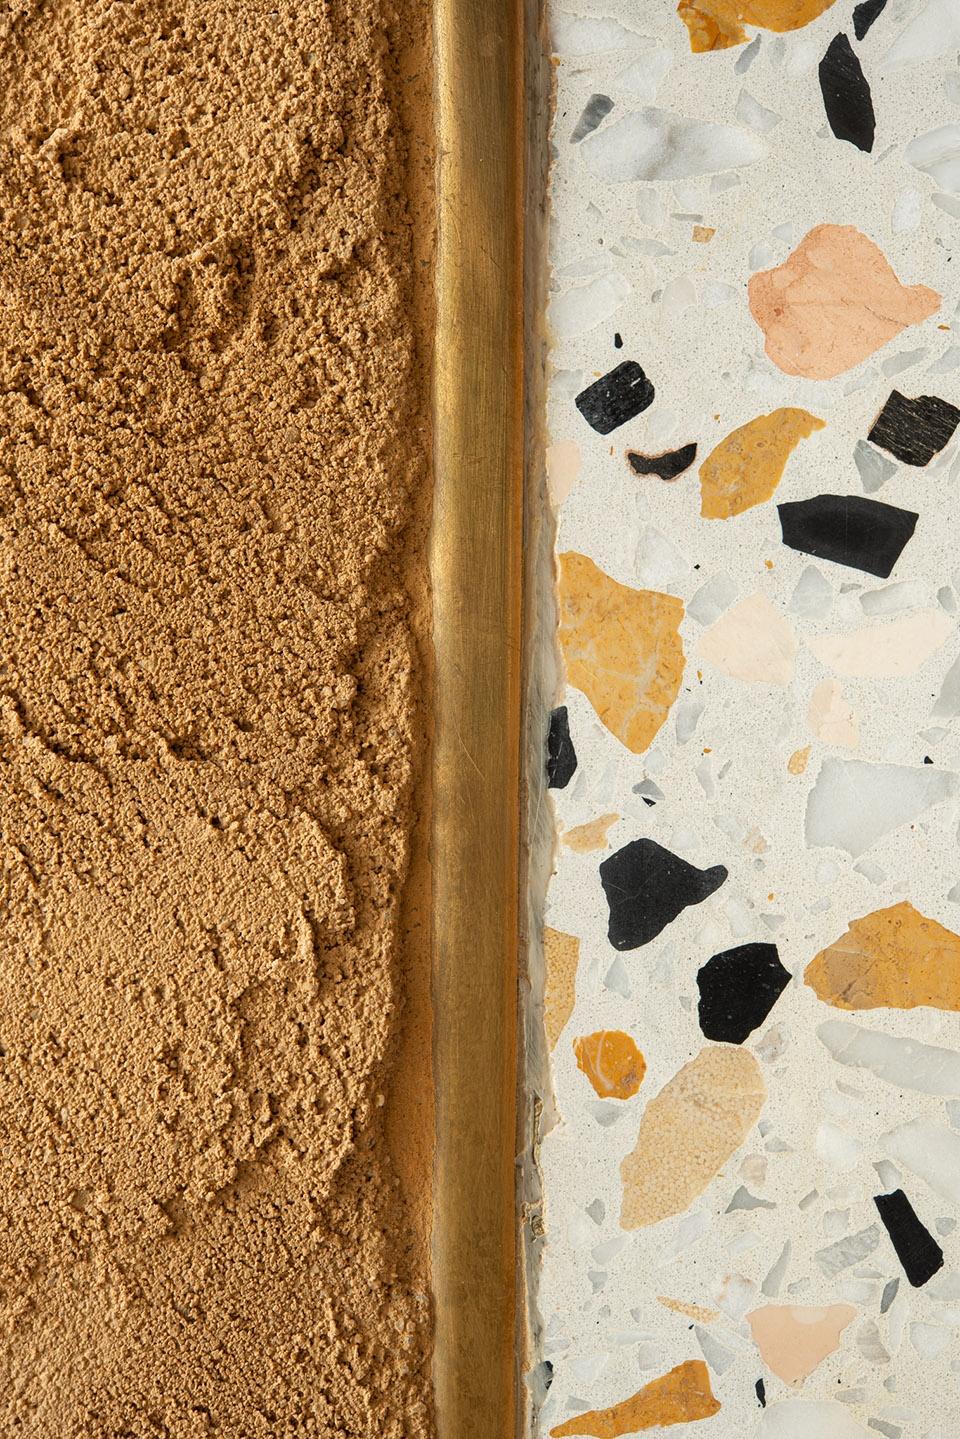 016-deco-temple-elixir-bunn-coffee-roasters-by-azaz-architects-960x1439.jpg